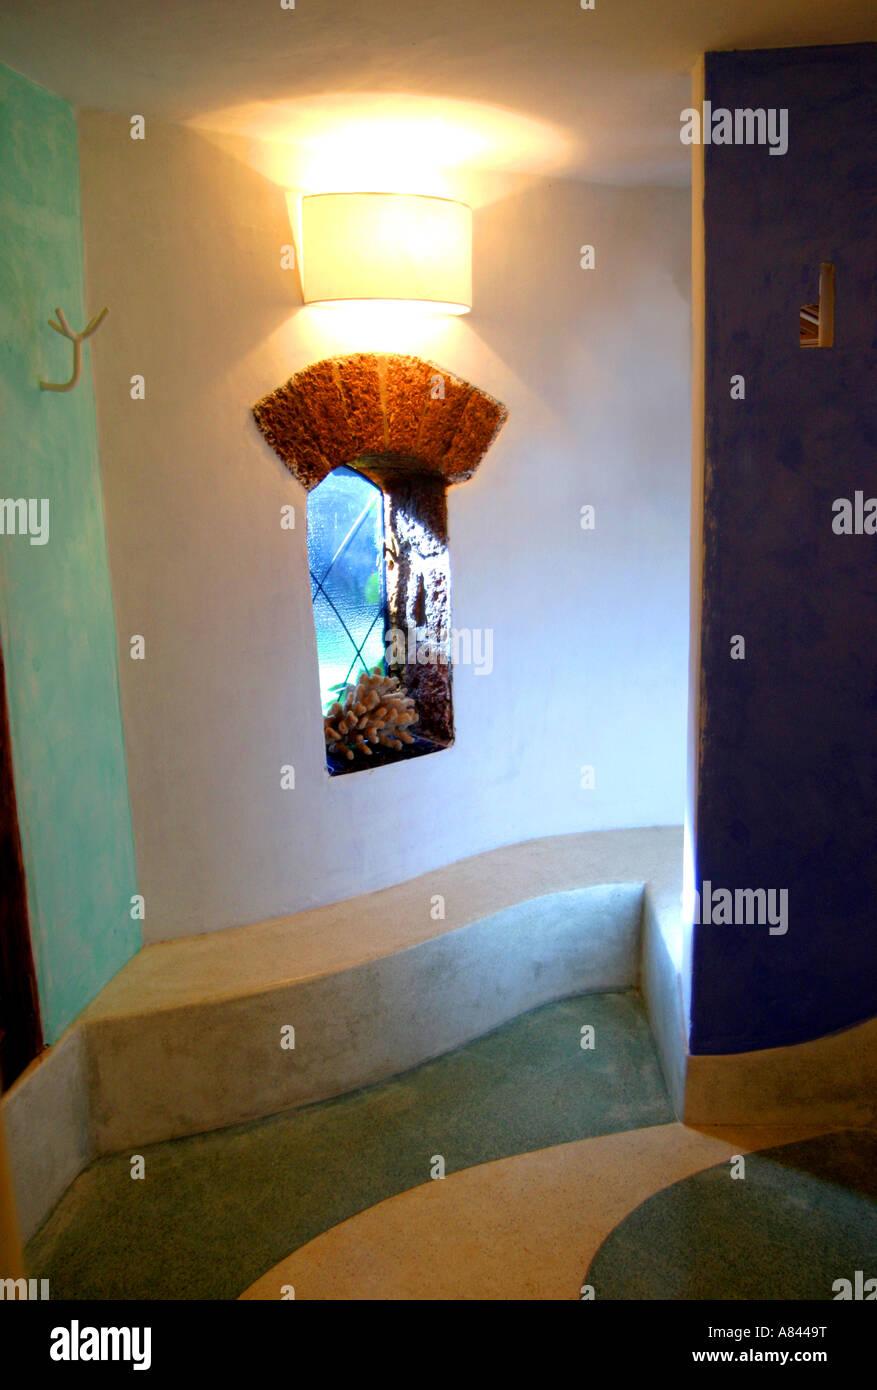 Dettaglio della finestra nella spettacolare progettato Nilaya Hermitage boutique hotel in Goa in India Immagini Stock